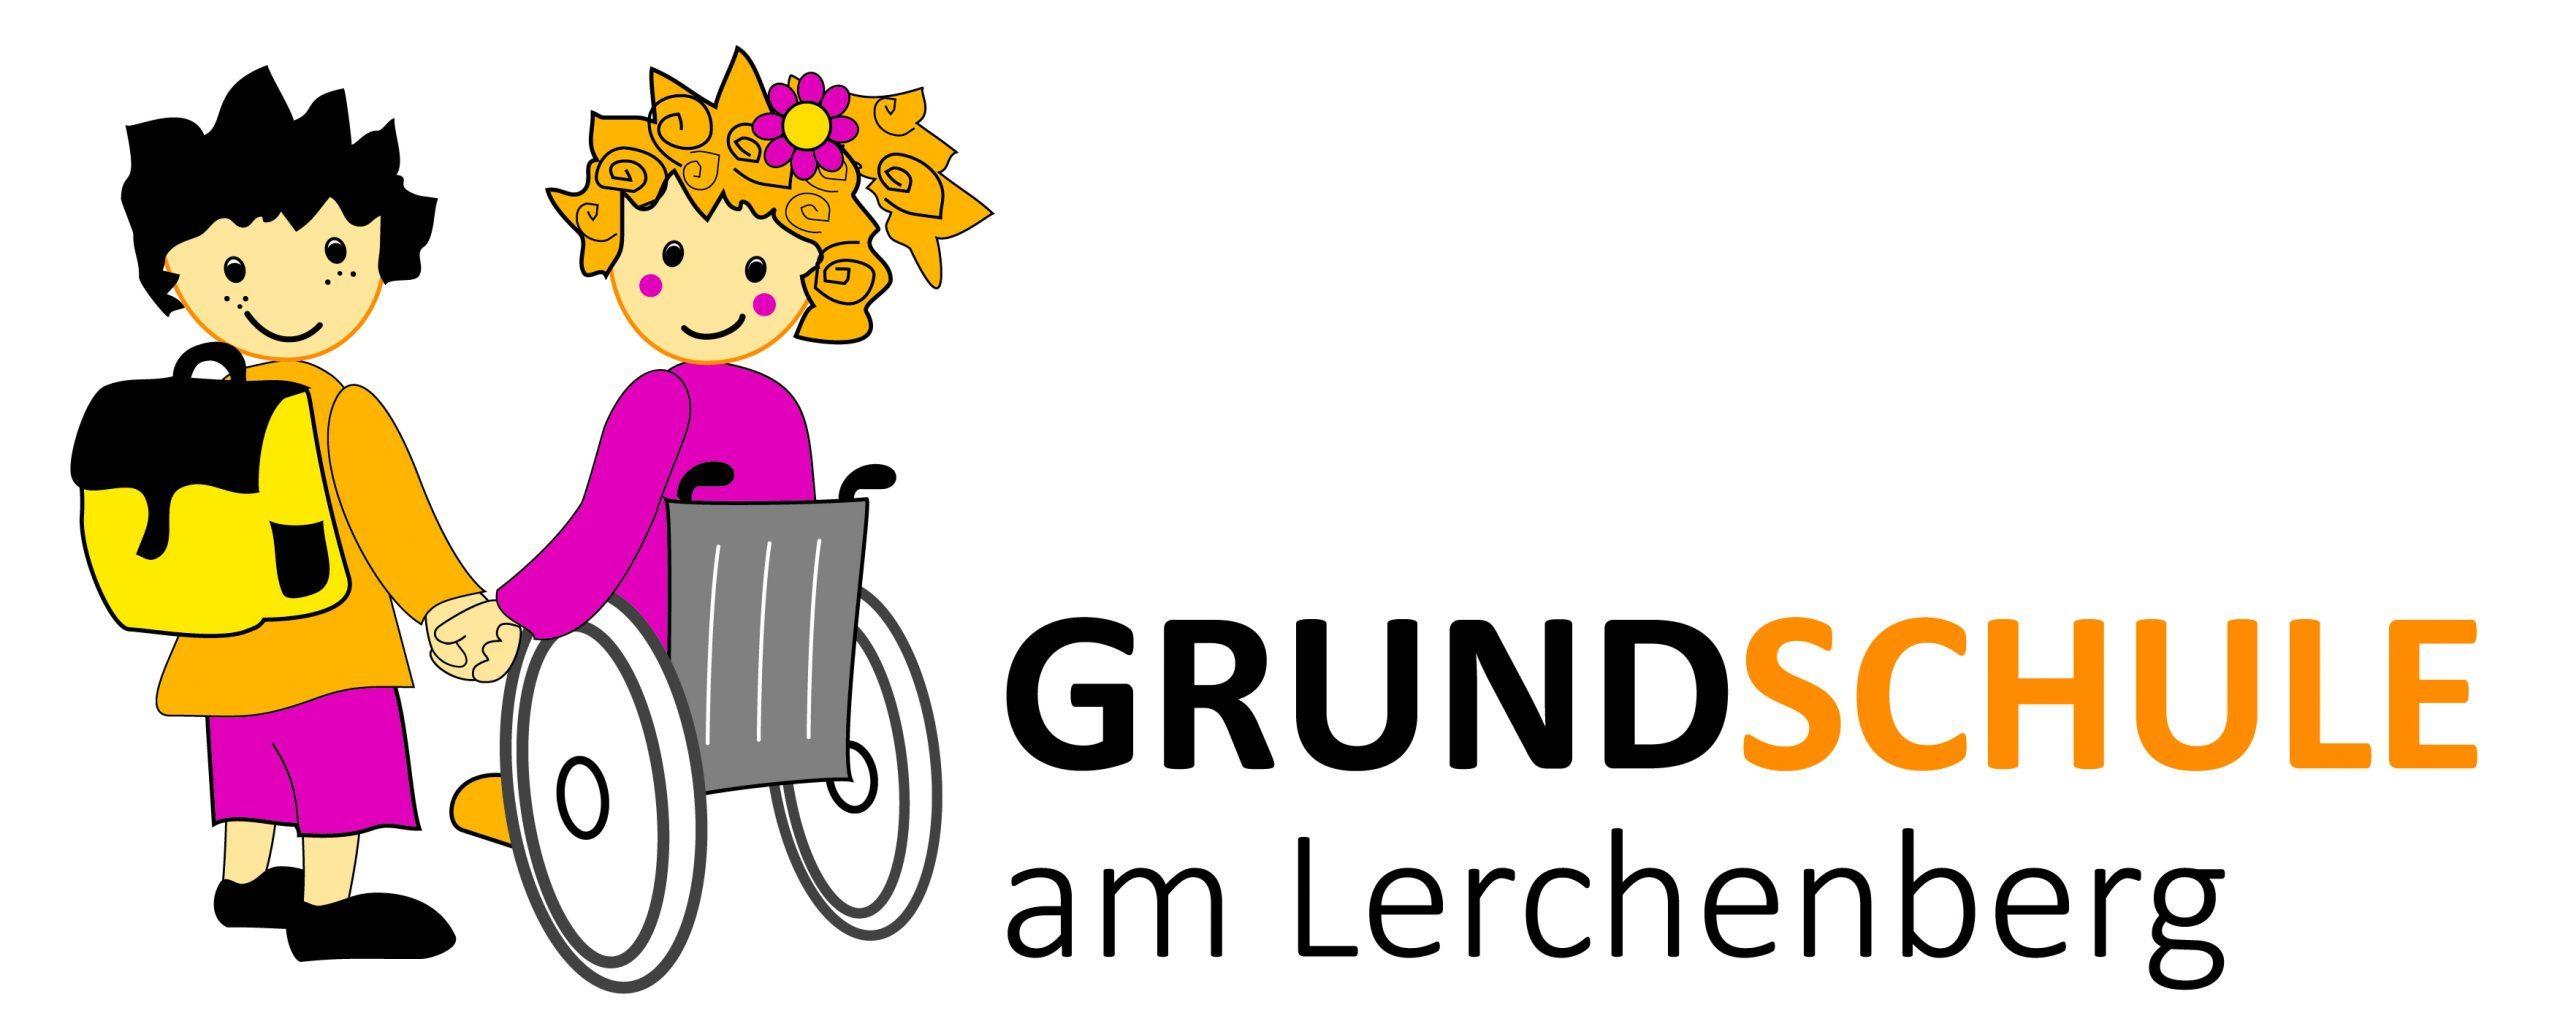 Grundschule am Lerchenberg